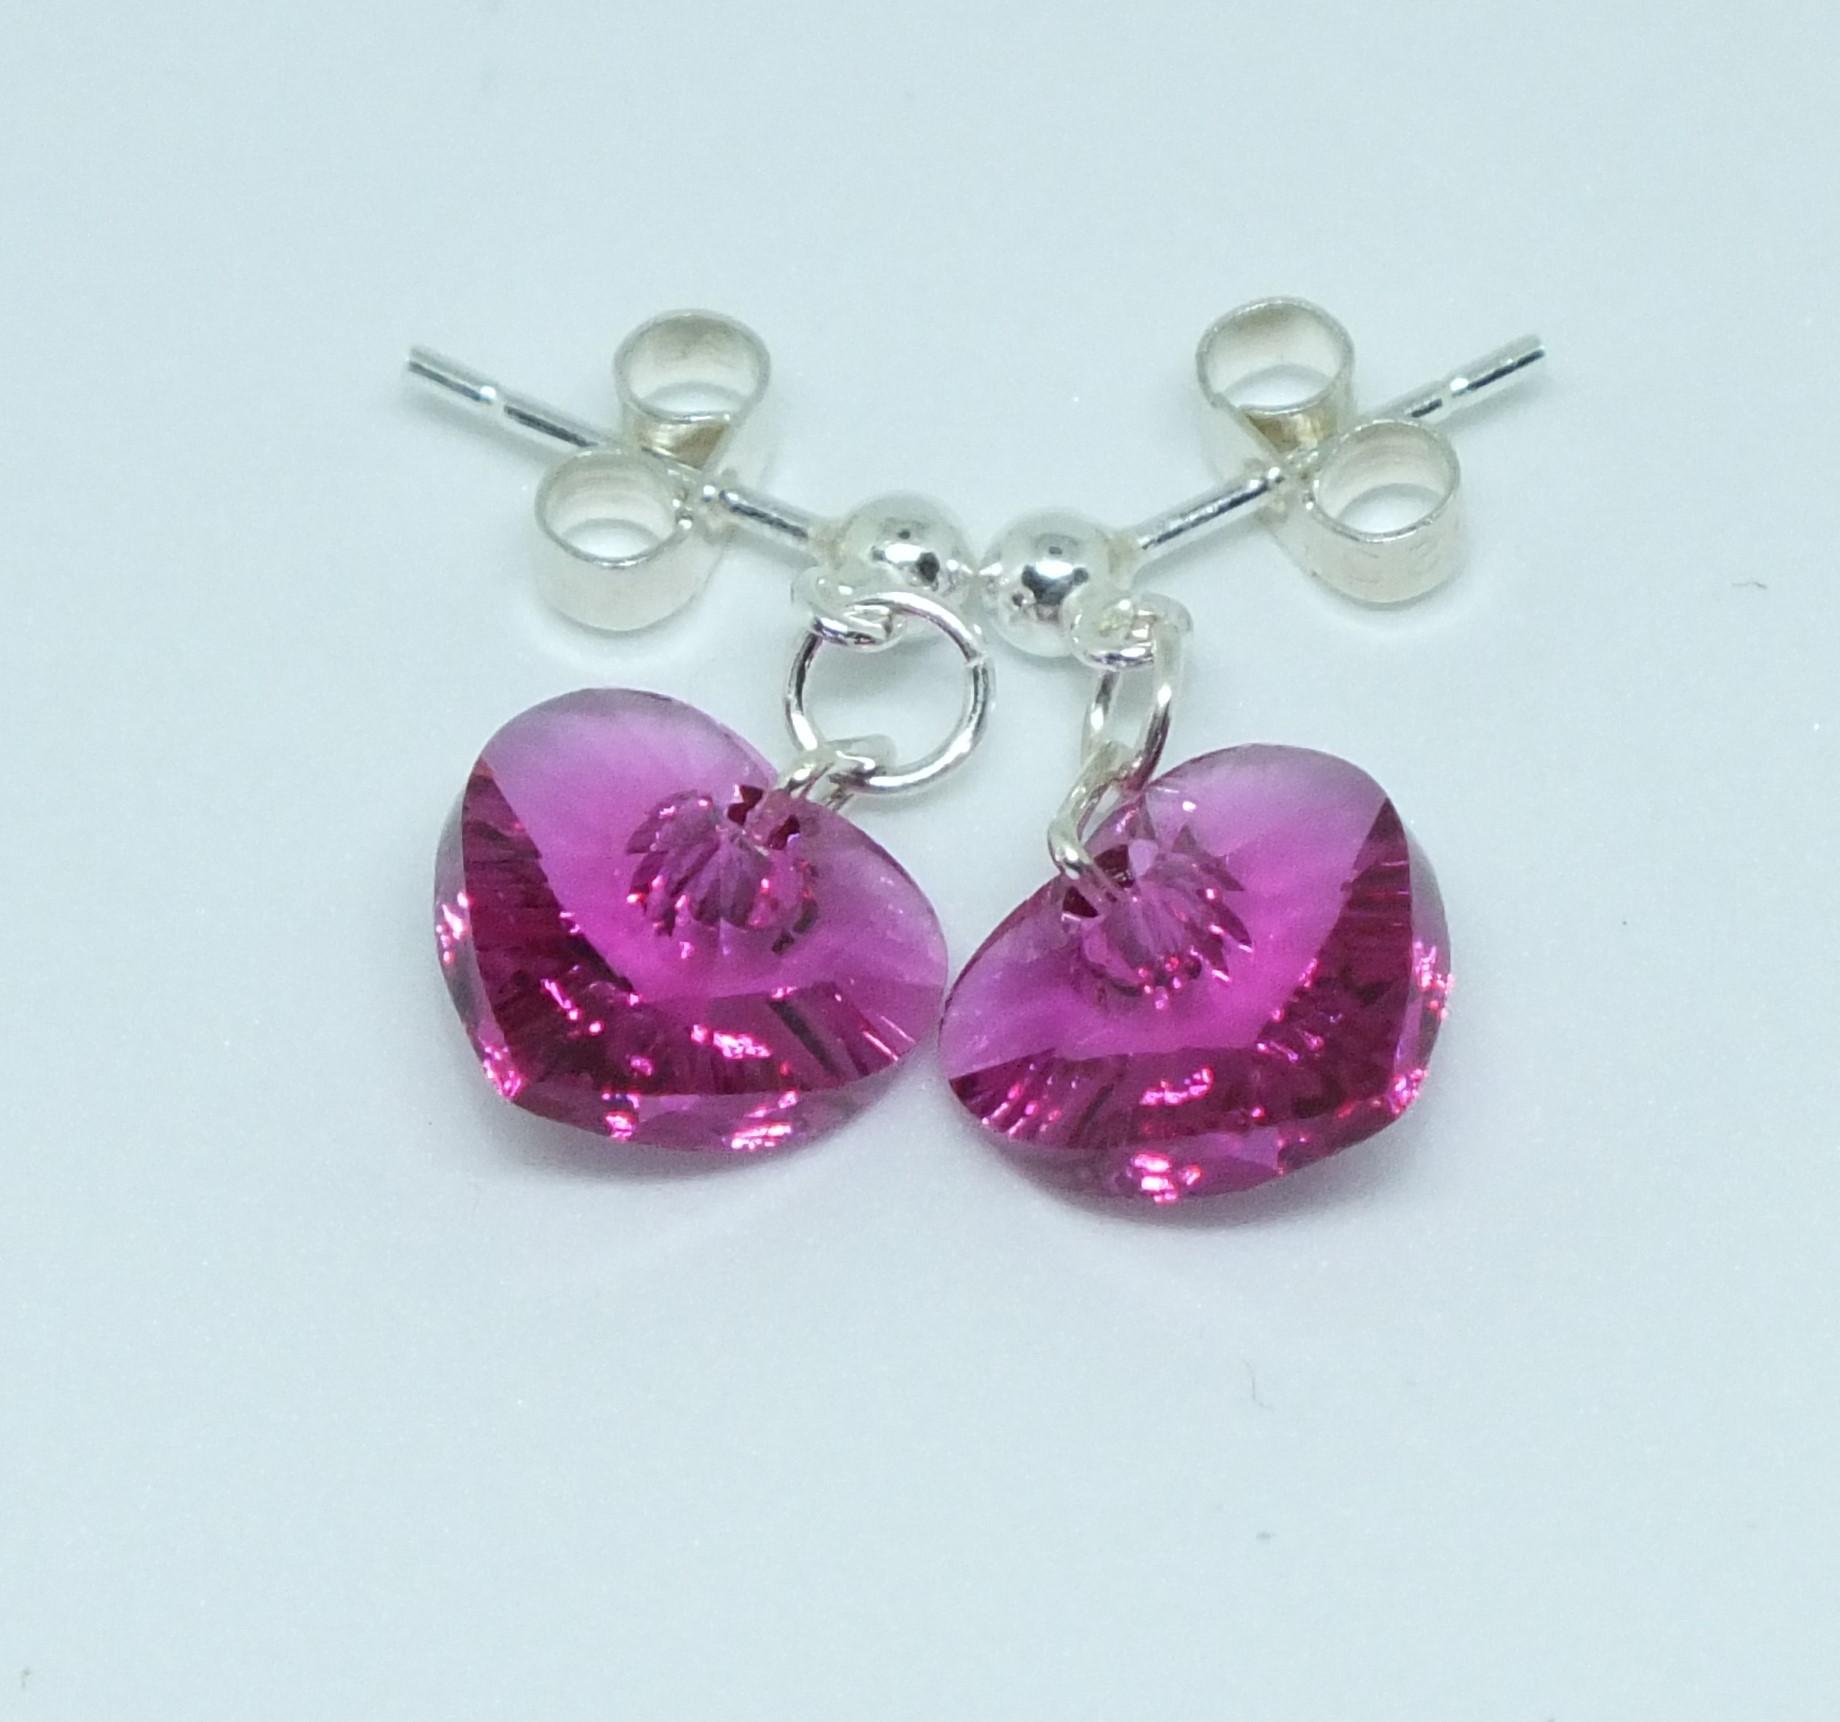 d177cdeea9b40 Swarovski Fuschia Pink Heart Earrings On Sterling Silver Stud Earwires